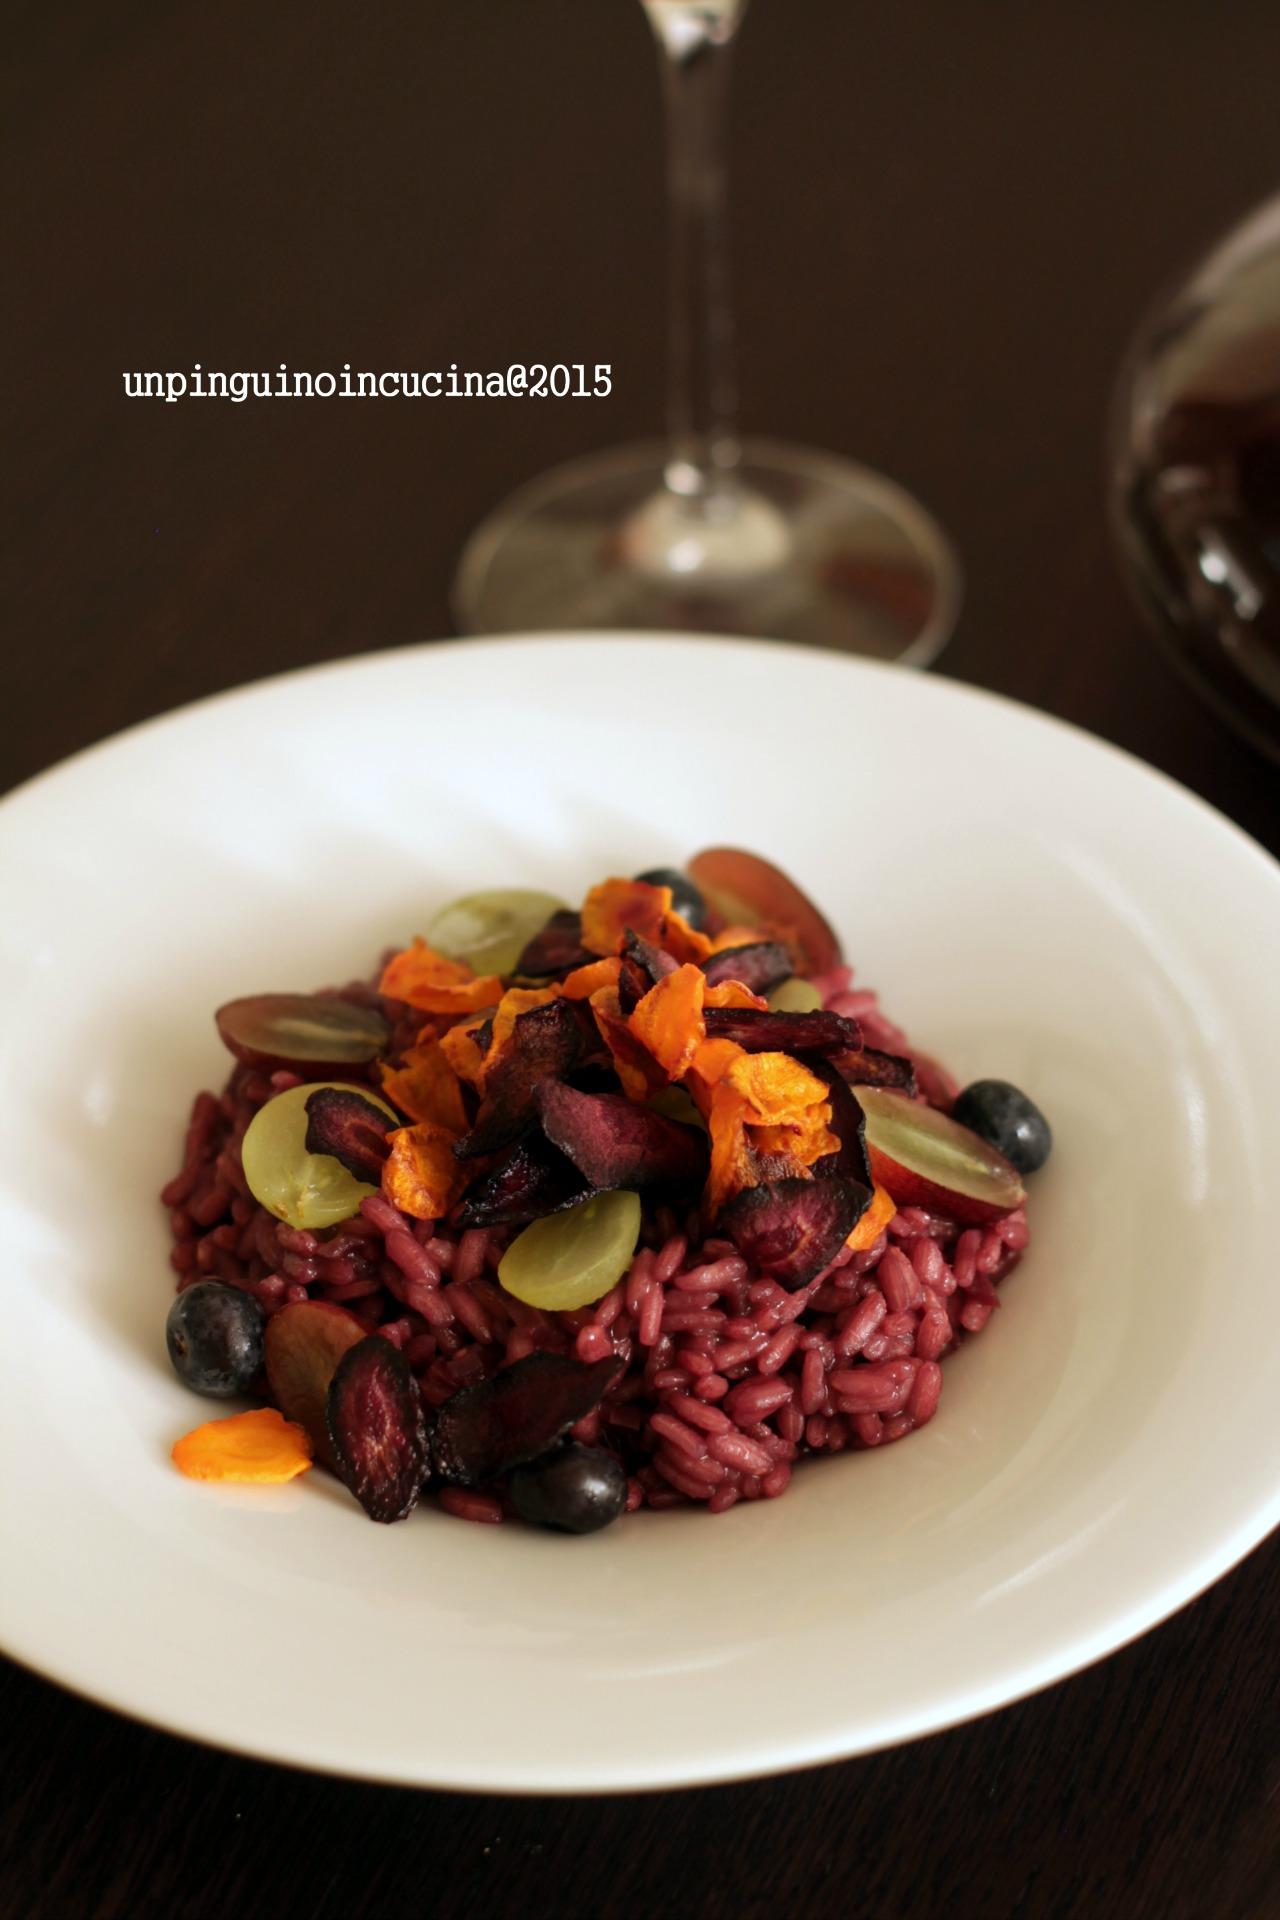 risotto-al-vino-rosso-con-uva-mirtilli-e-chips-di-carota